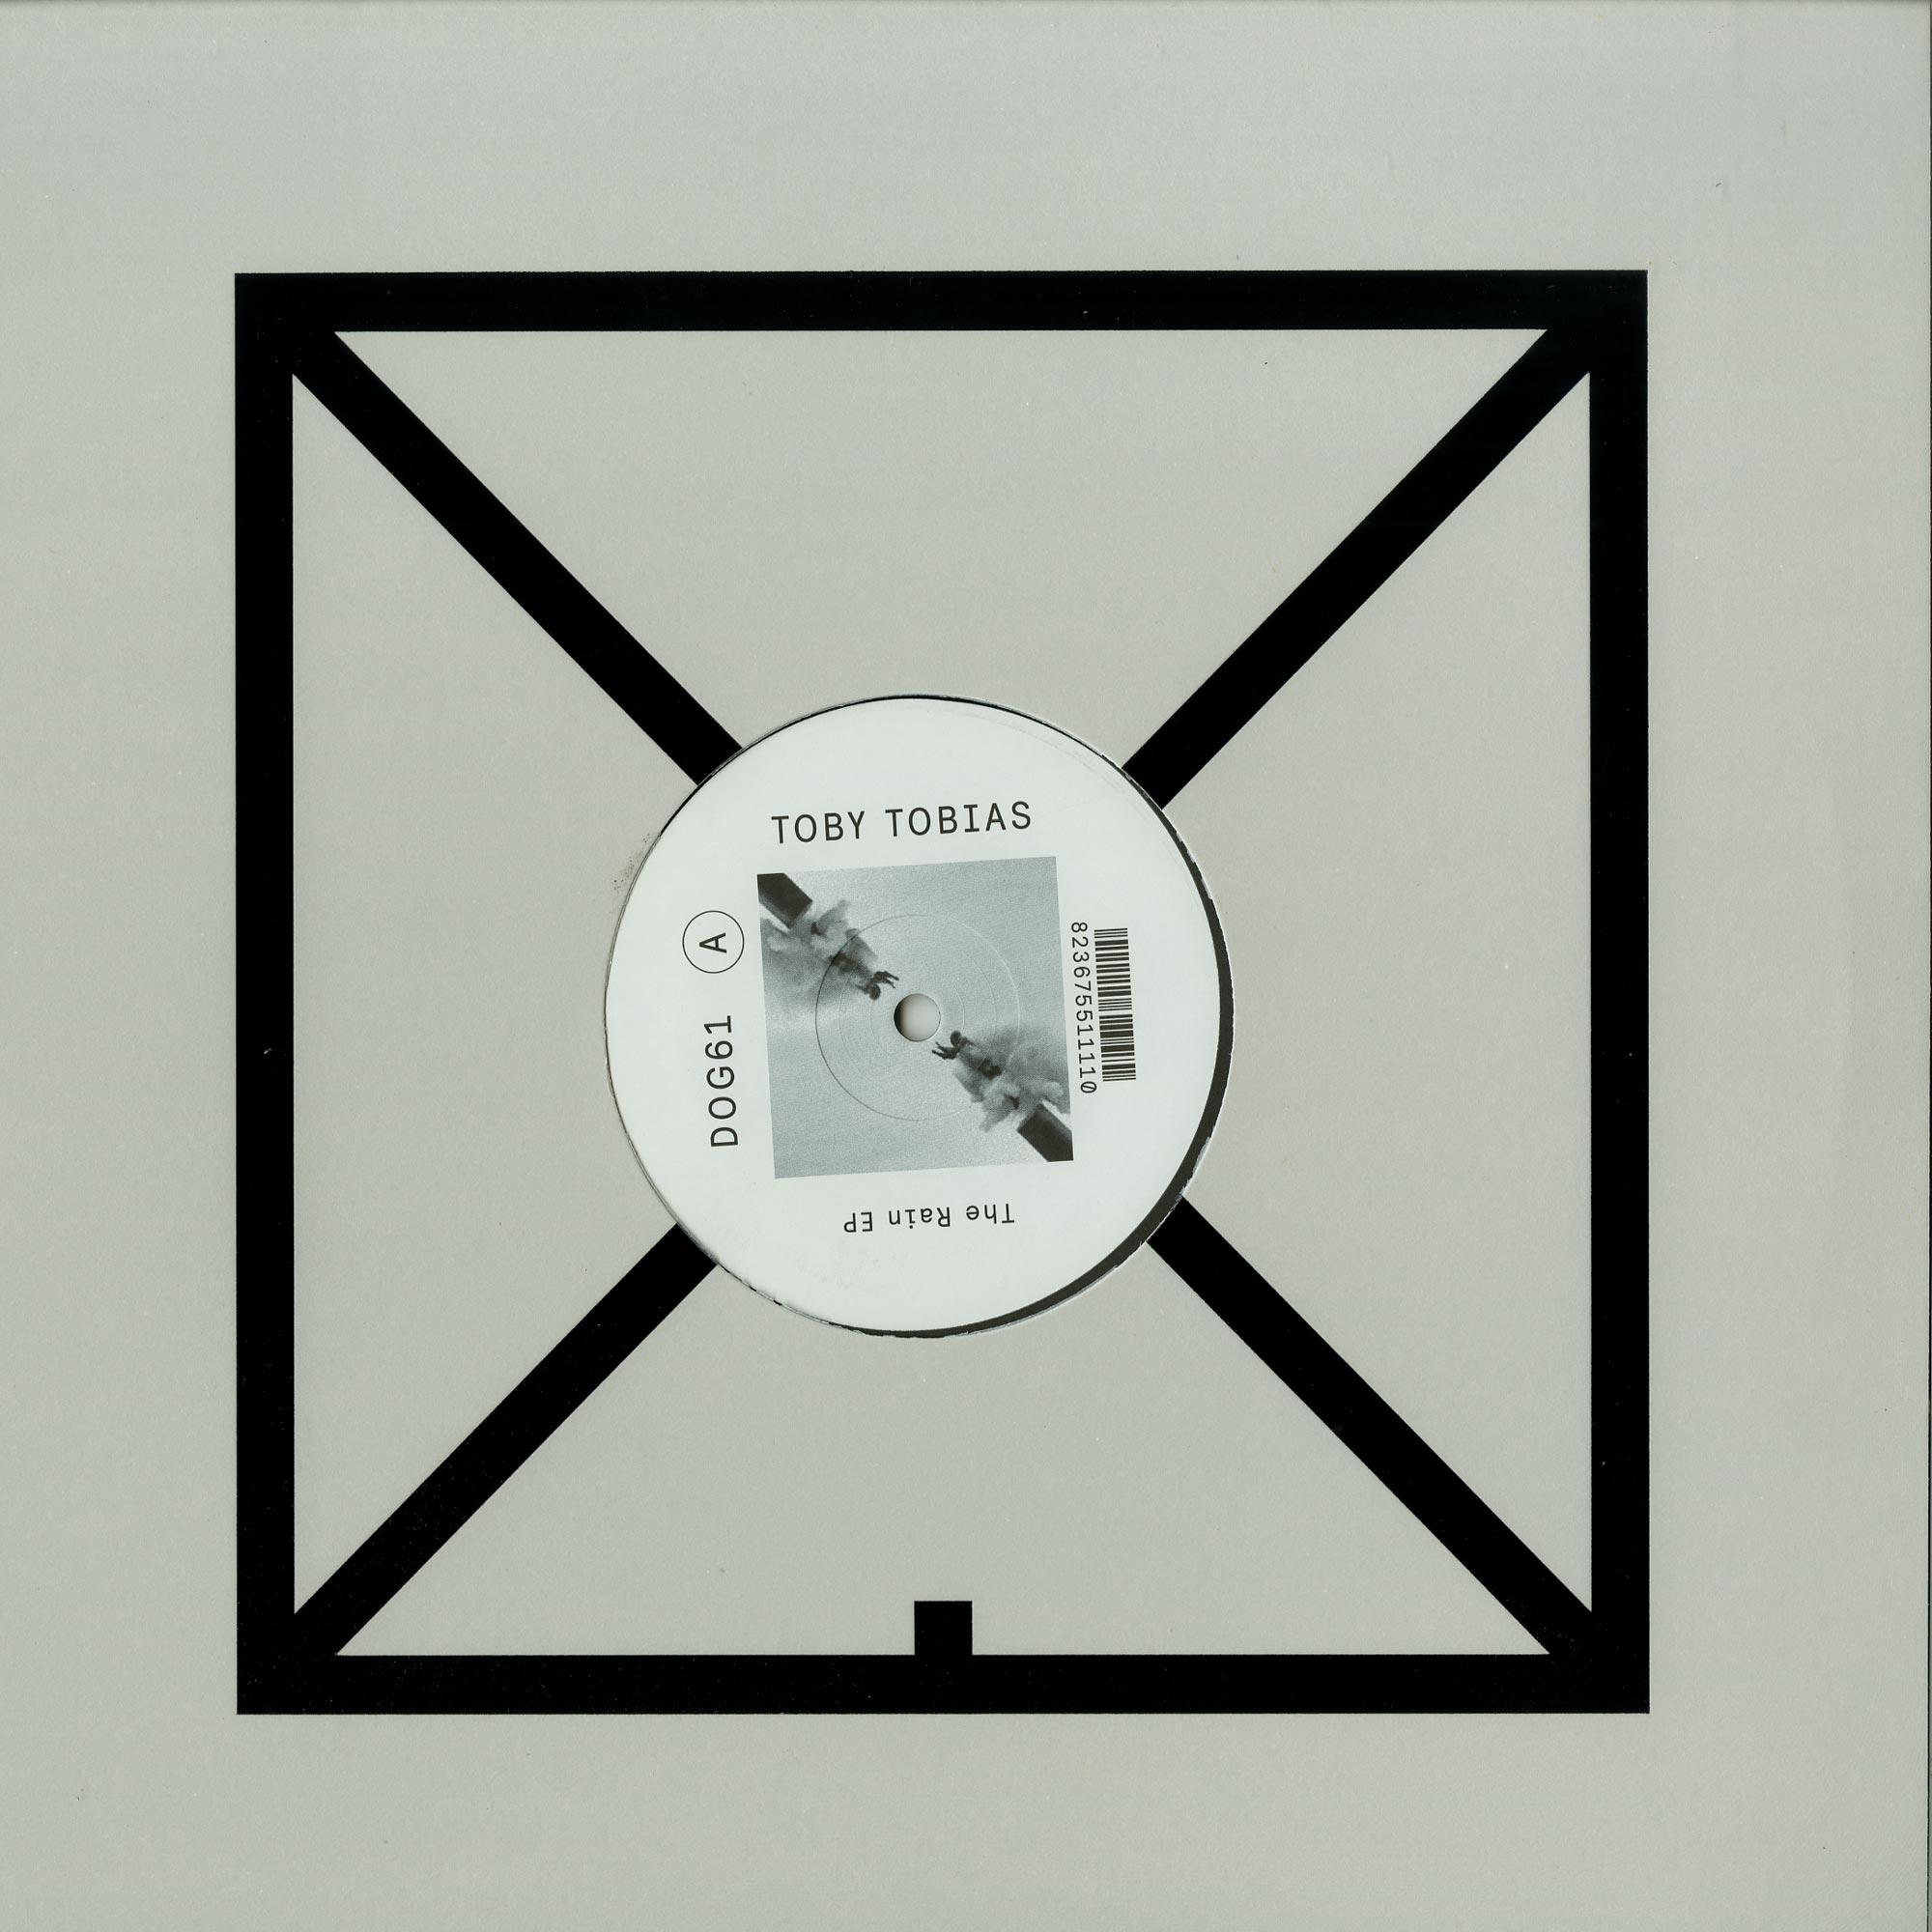 Toby Tobias - THE RAIN EP